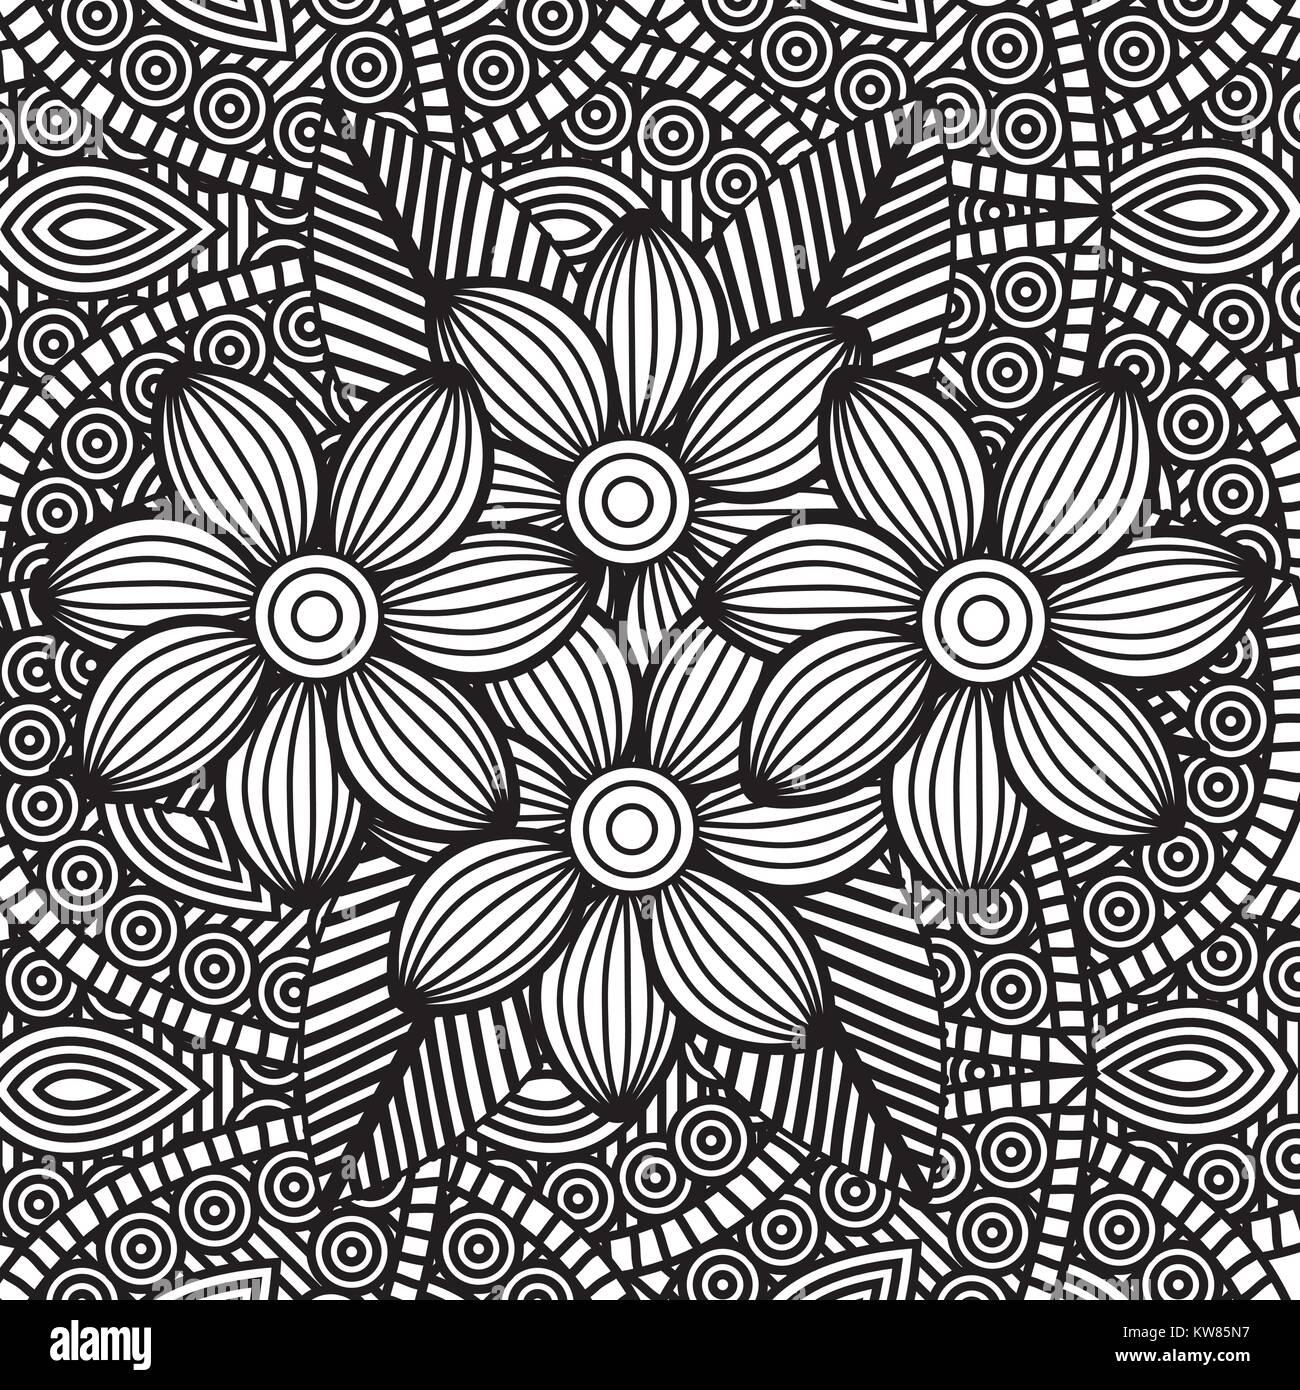 Coloriage Adultes Dessin Fleurs Monochromes Image Vectorielle Stock Alamy